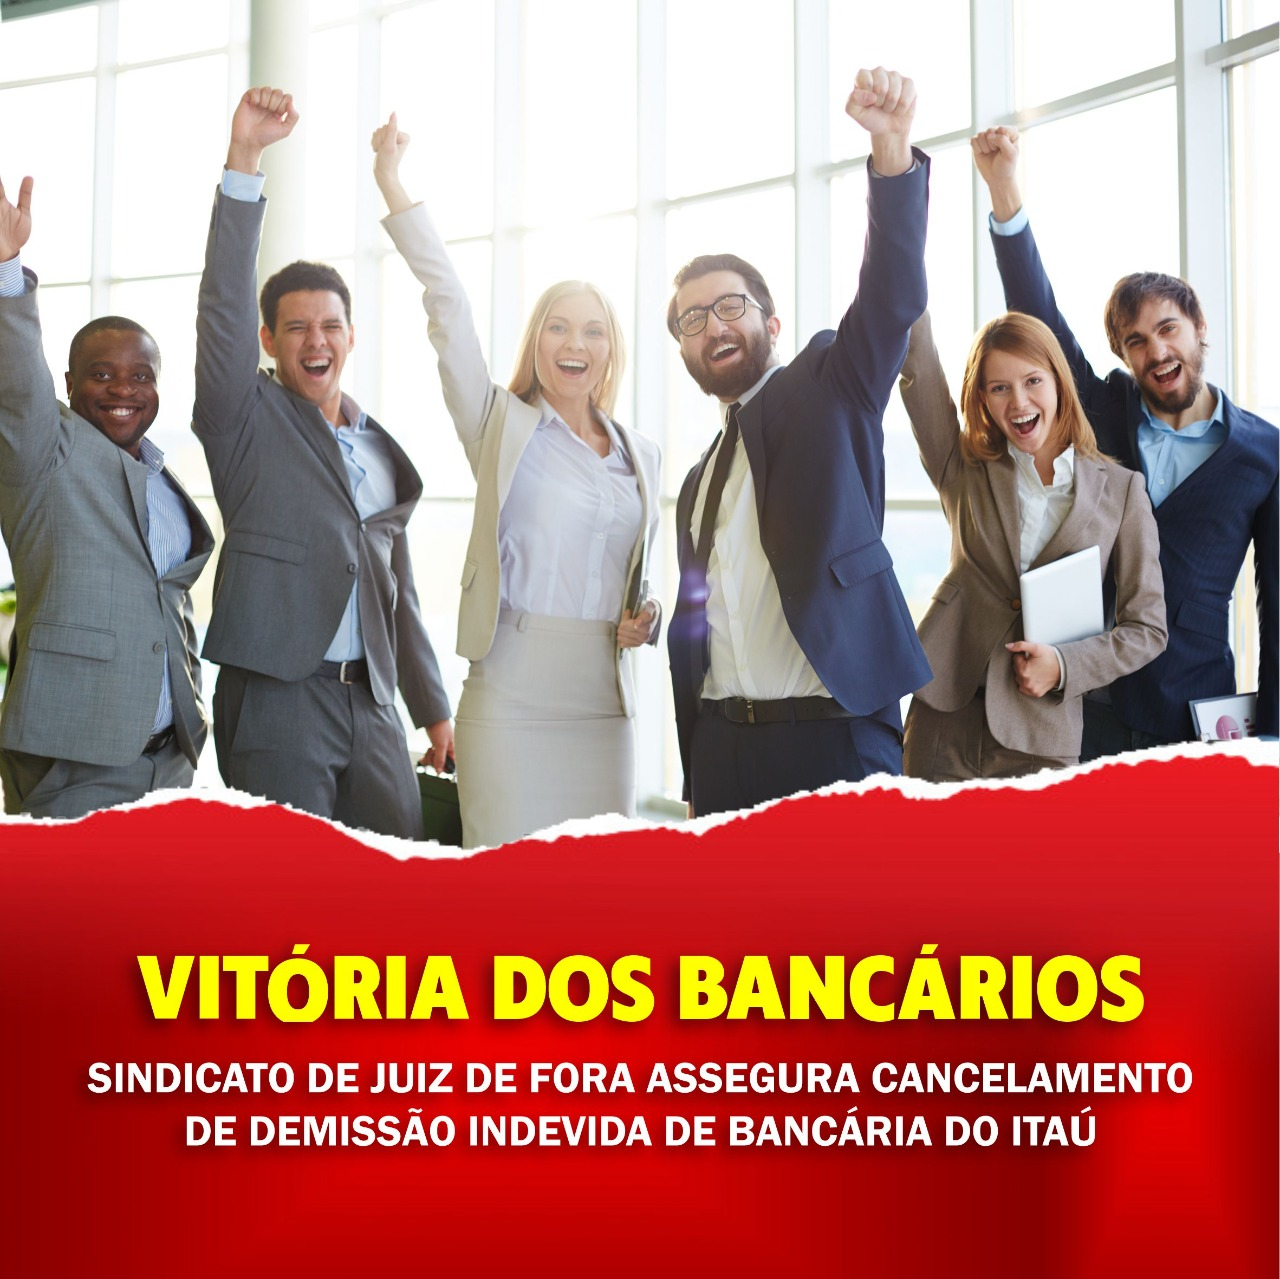 Imagem:Sindicato de Juiz de Fora assegura cancelamento de demissão indevida de bancária do Itaú